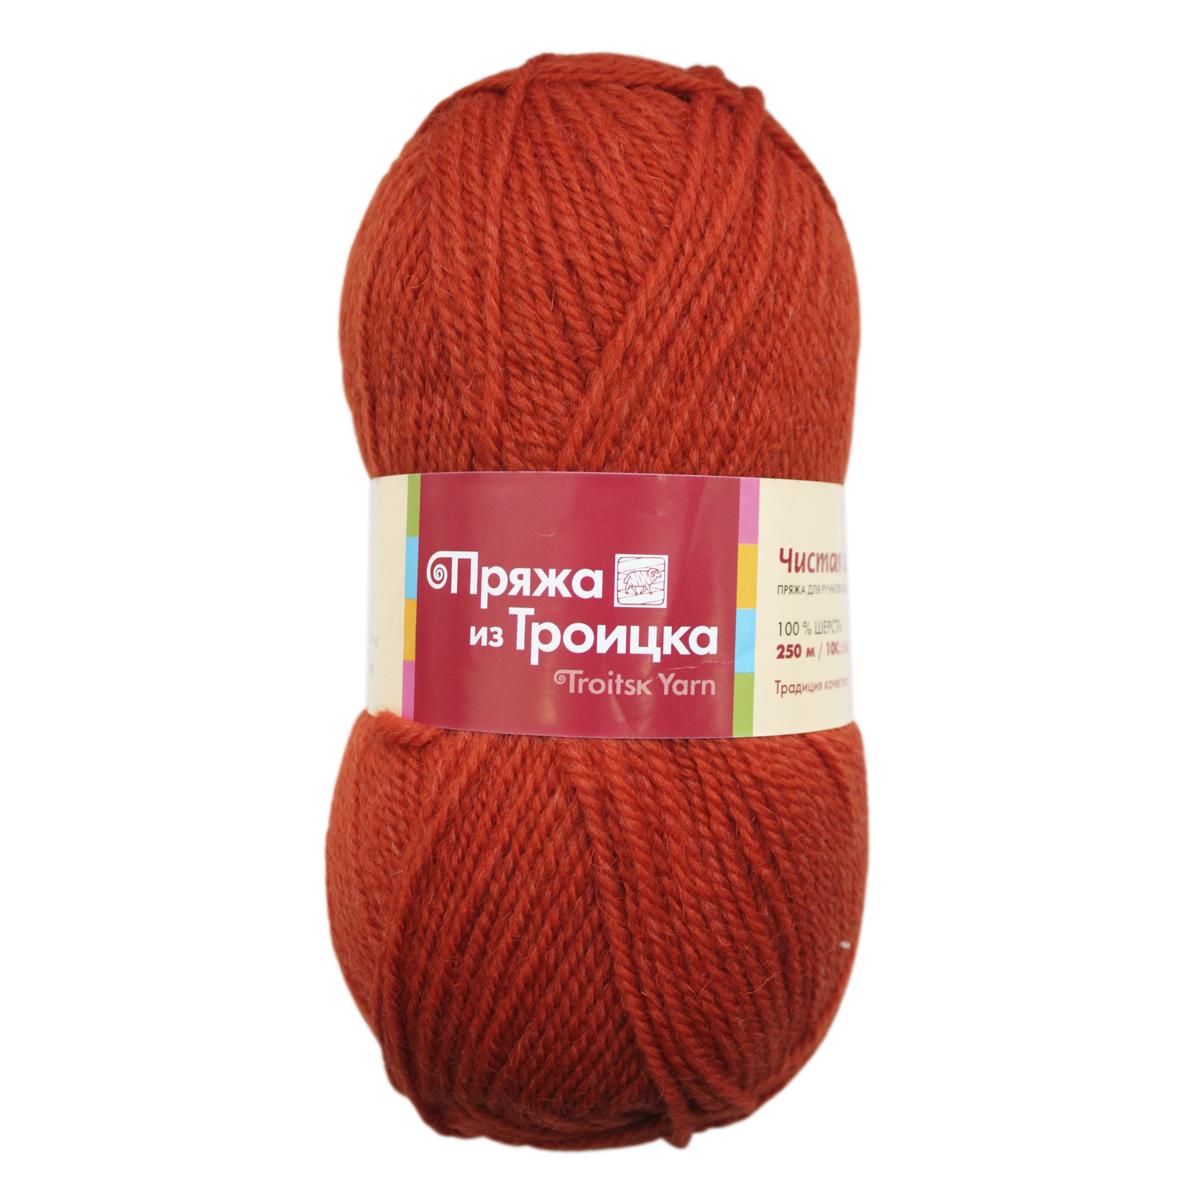 Пряжа для вязания Чистошерстяная, 100 г, 250 м, цвет: 2423 светлый терракот, 10 шт366003_2423